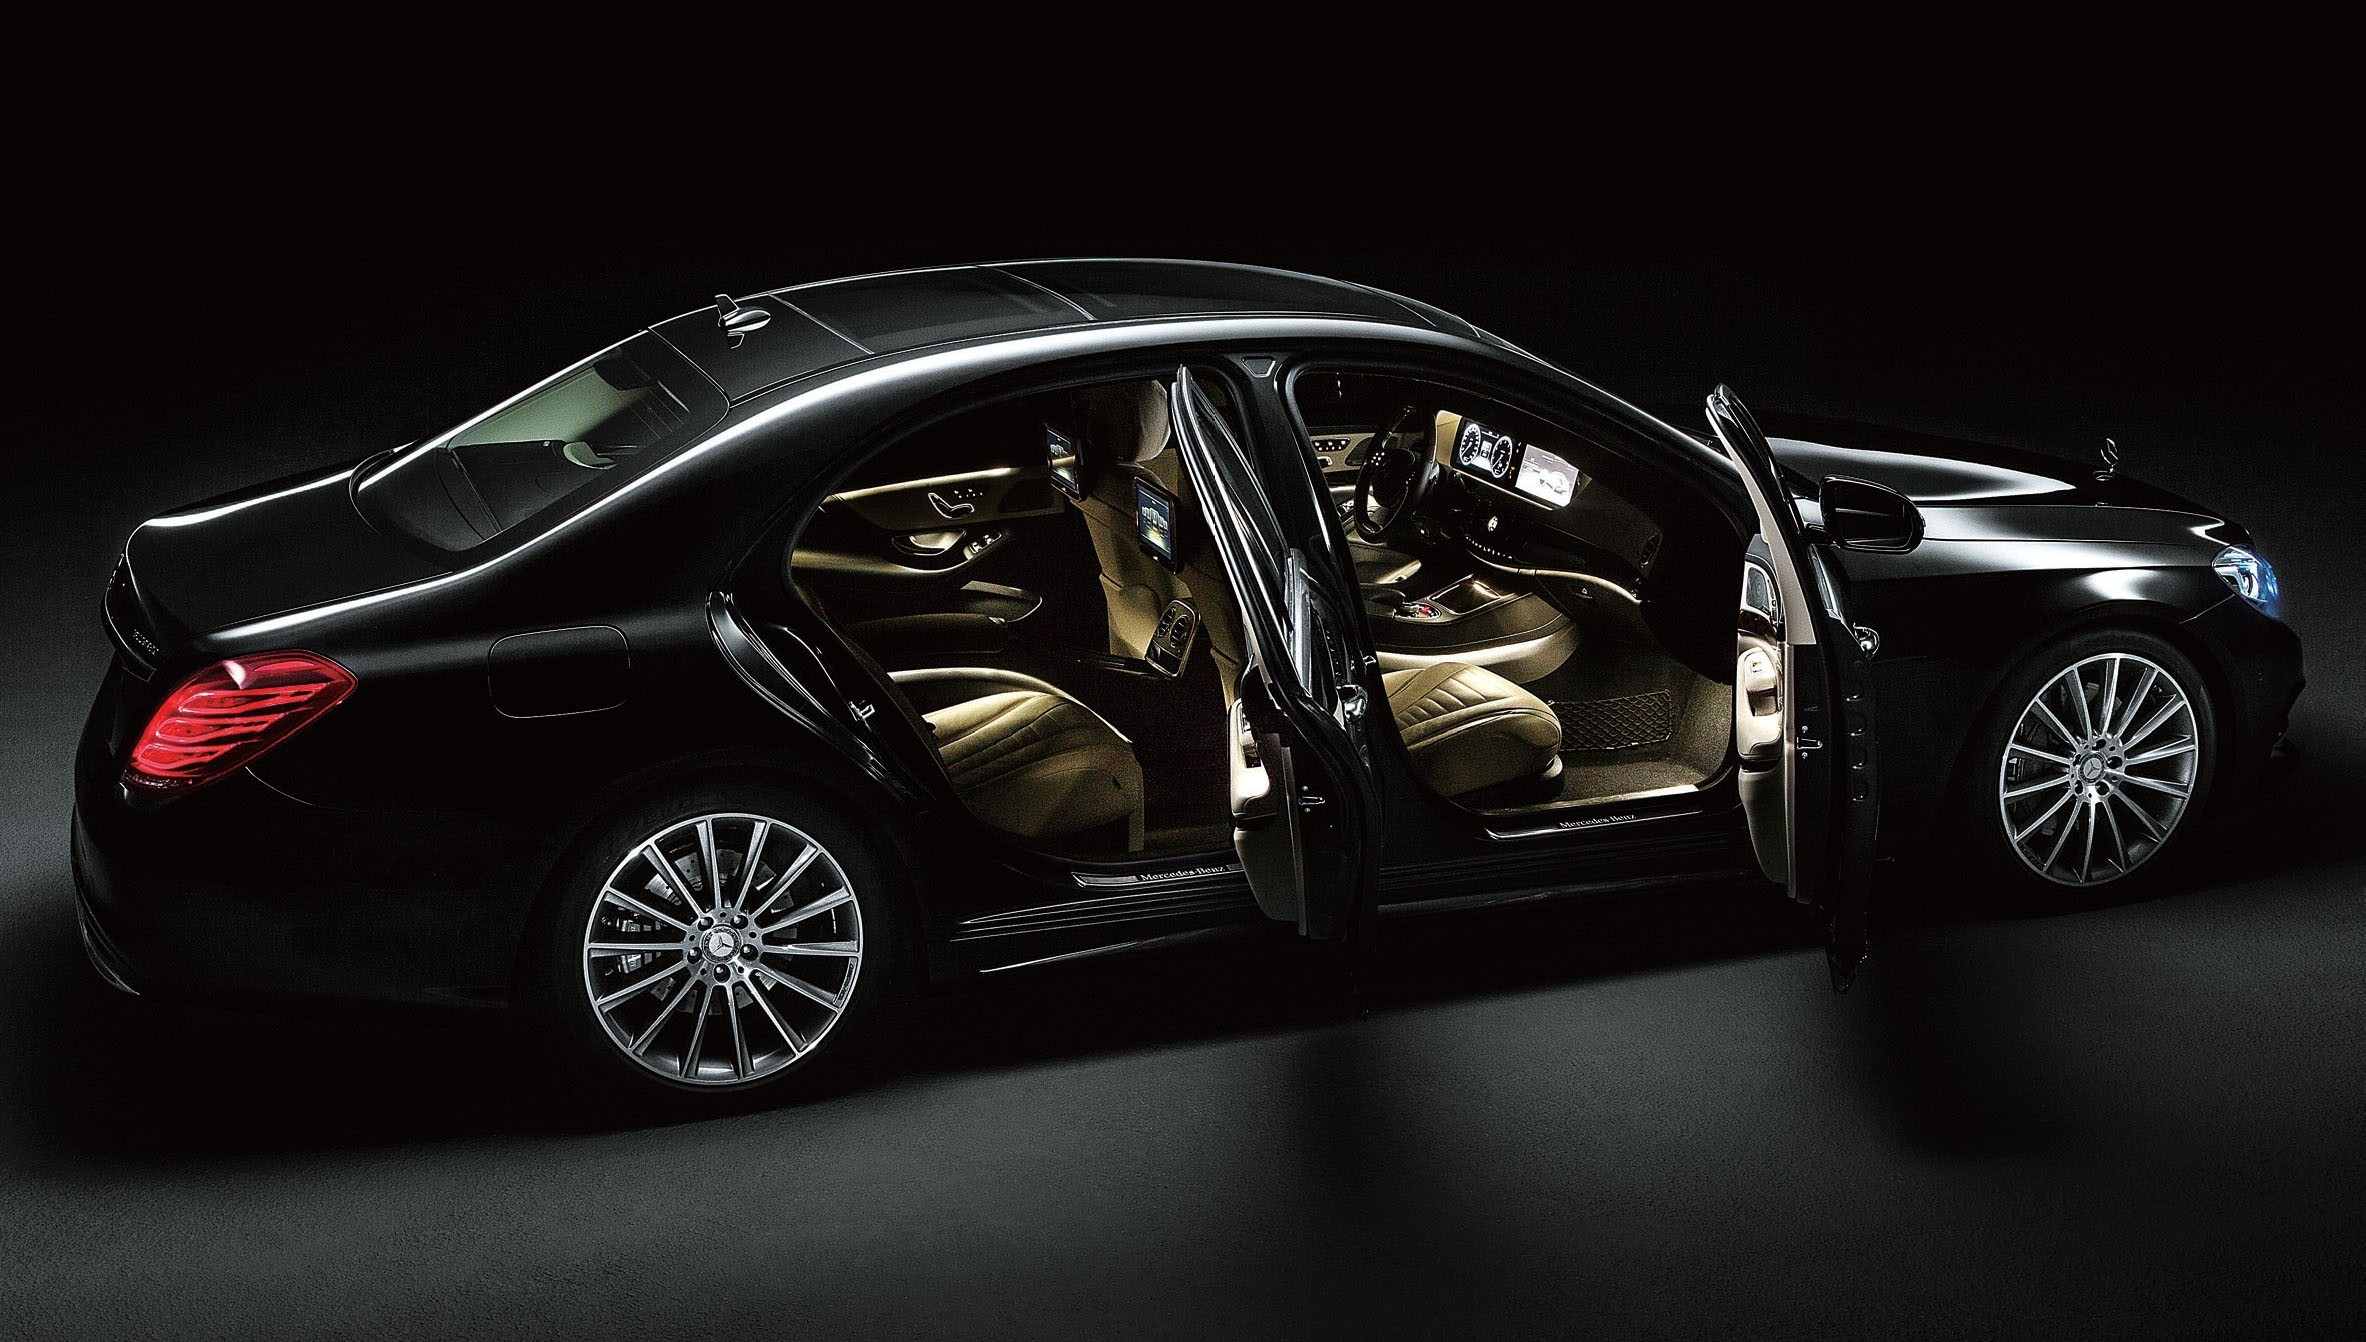 奔驰 s级 奔驰全新s级正式发布 6款车型 约63万起 高清图片